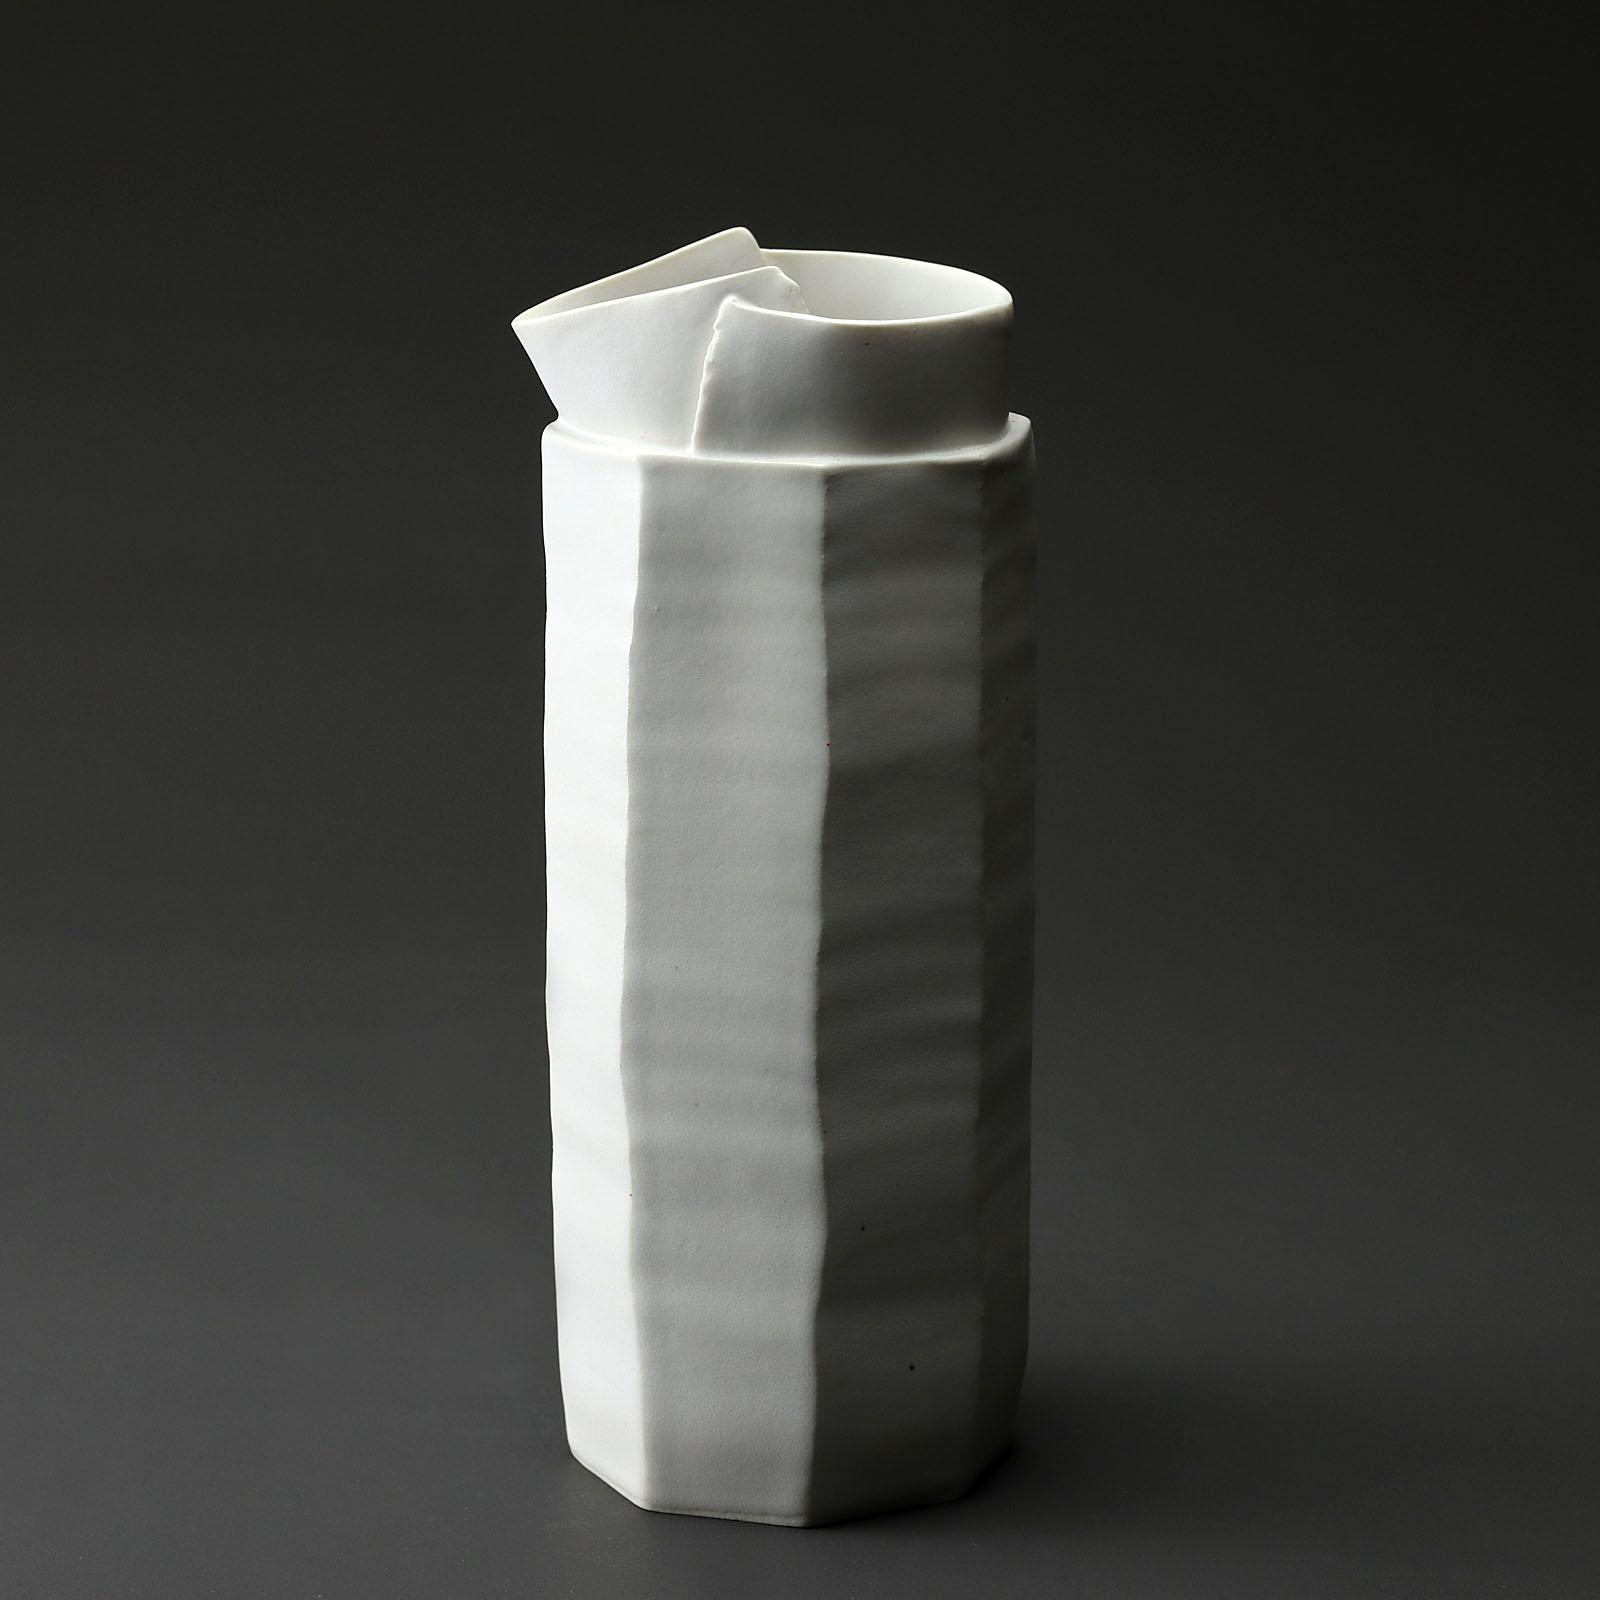 broc 973 en céramique, porcelaine émaillée blanc